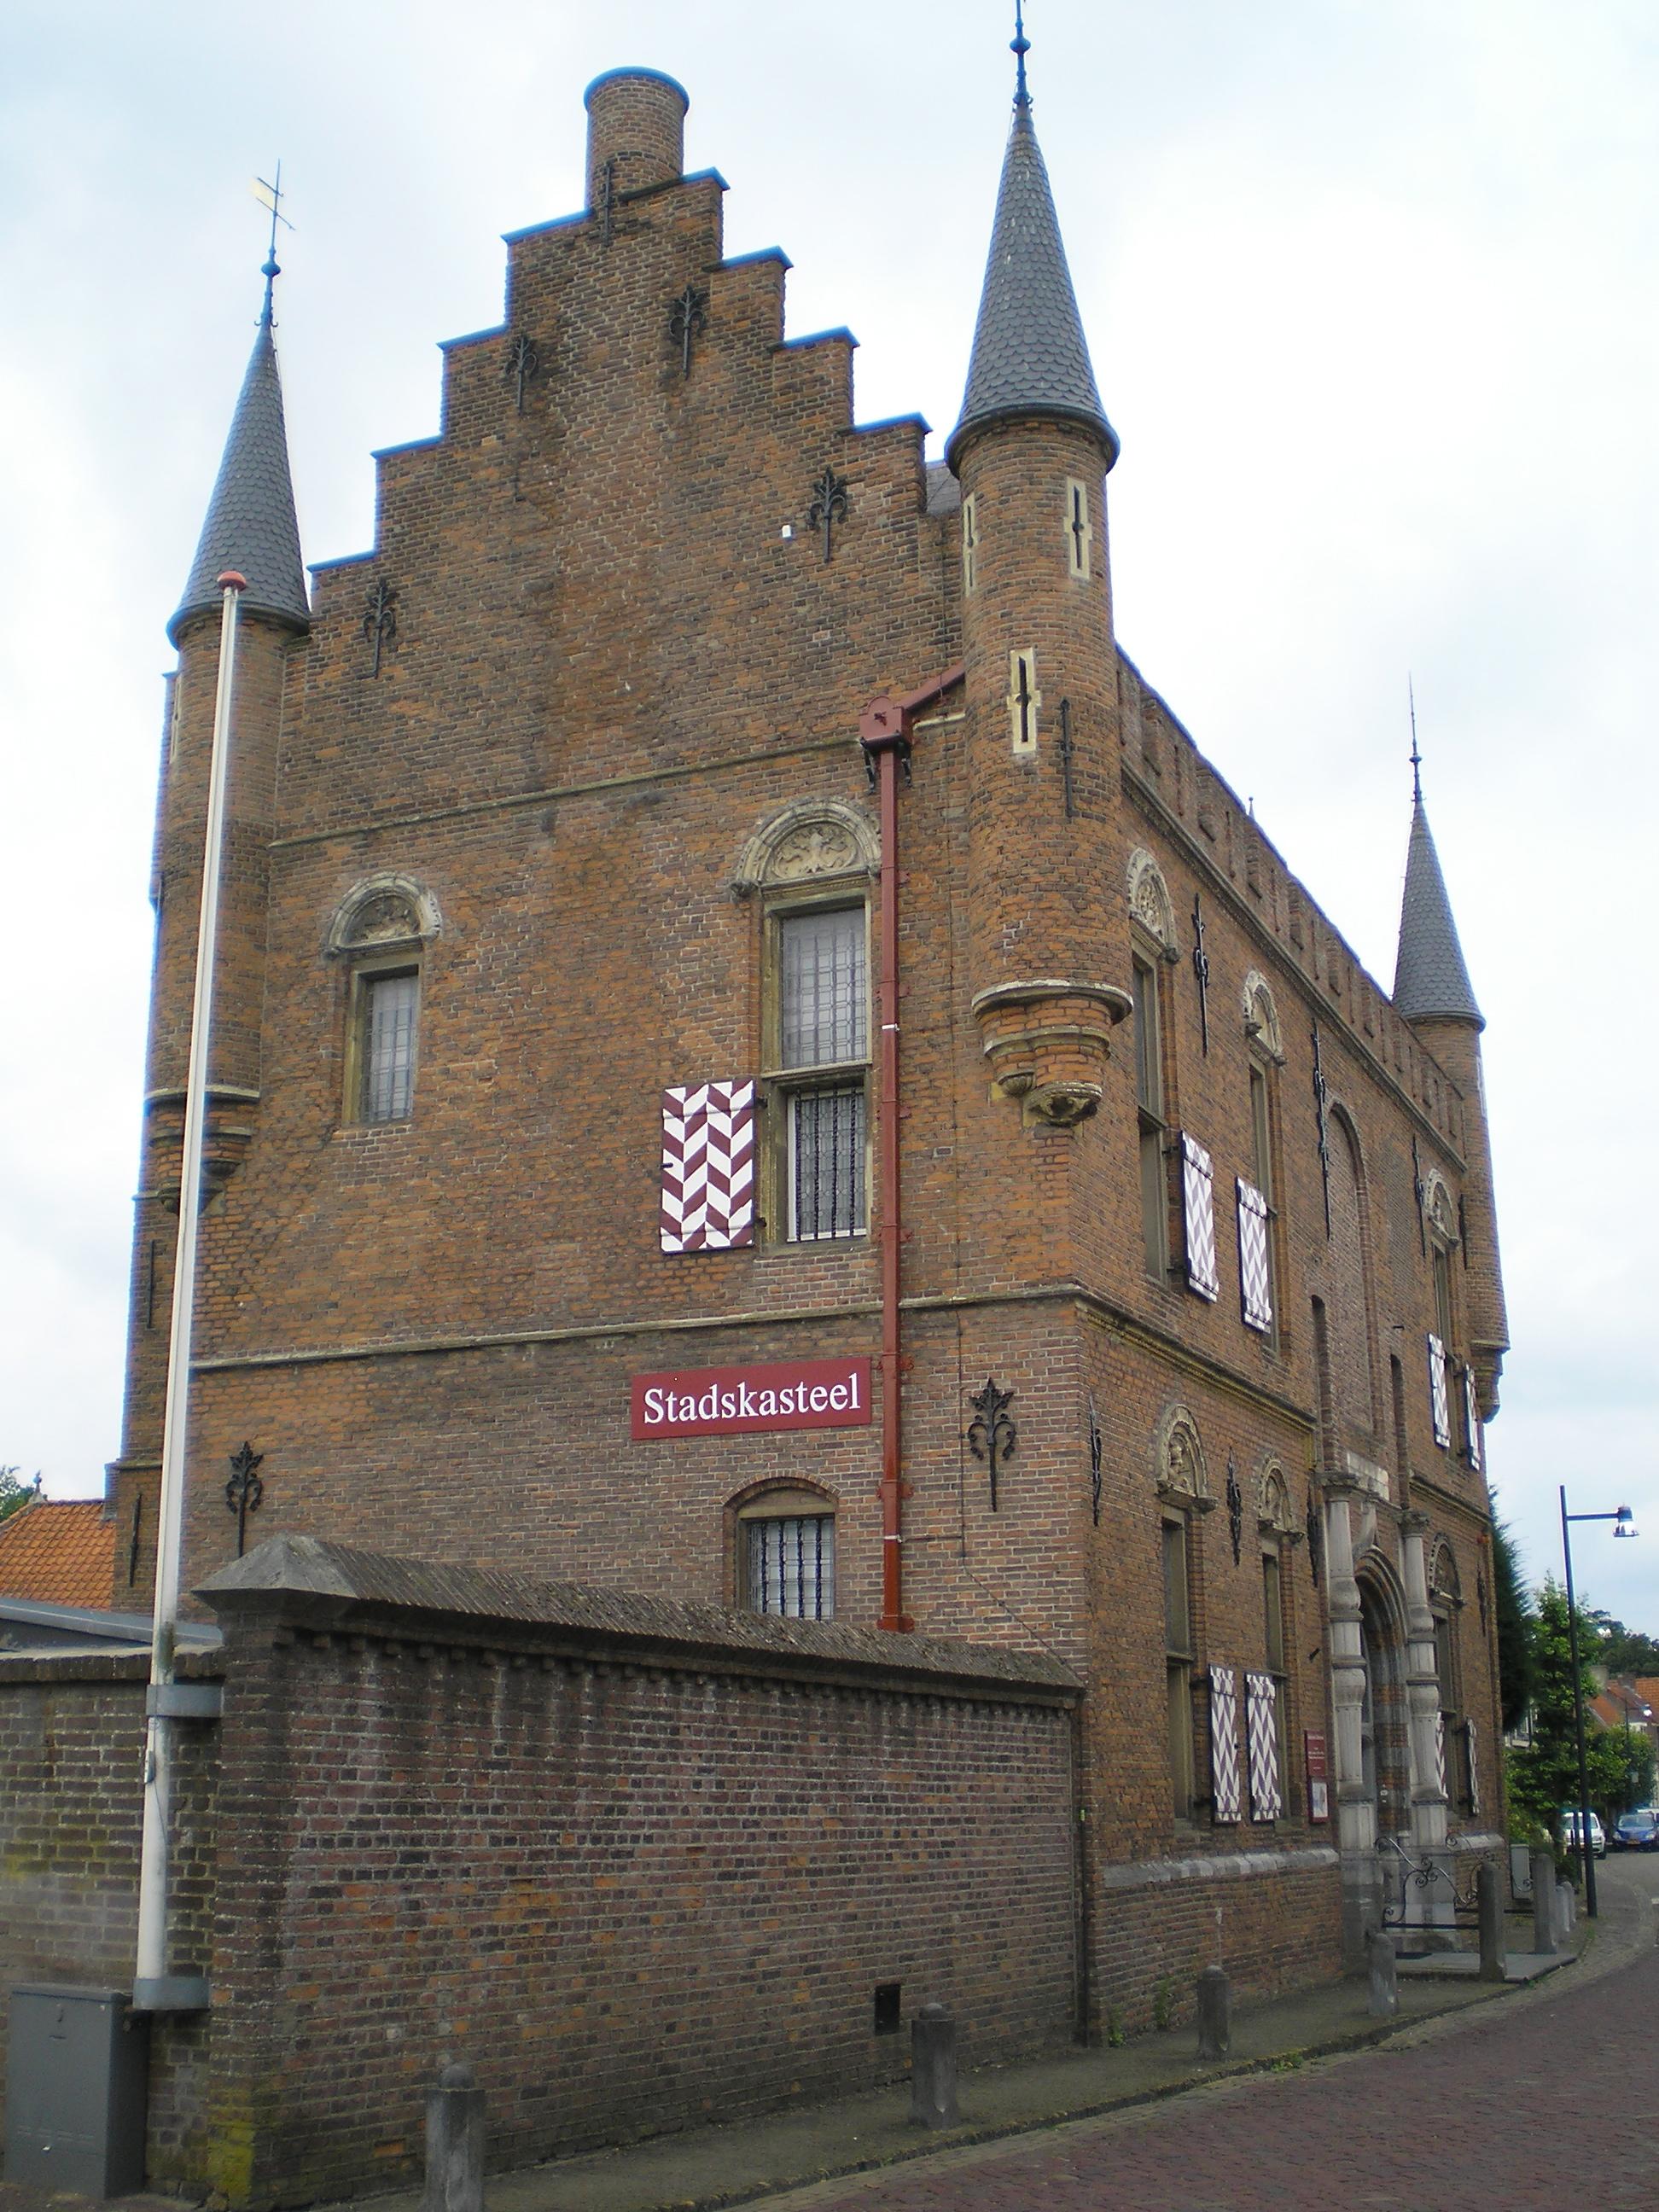 File Stadskasteel Zaltbommel Voorheen Maarten Van Rossummuseum Nederland 02 Jpg Wikimedia Commons